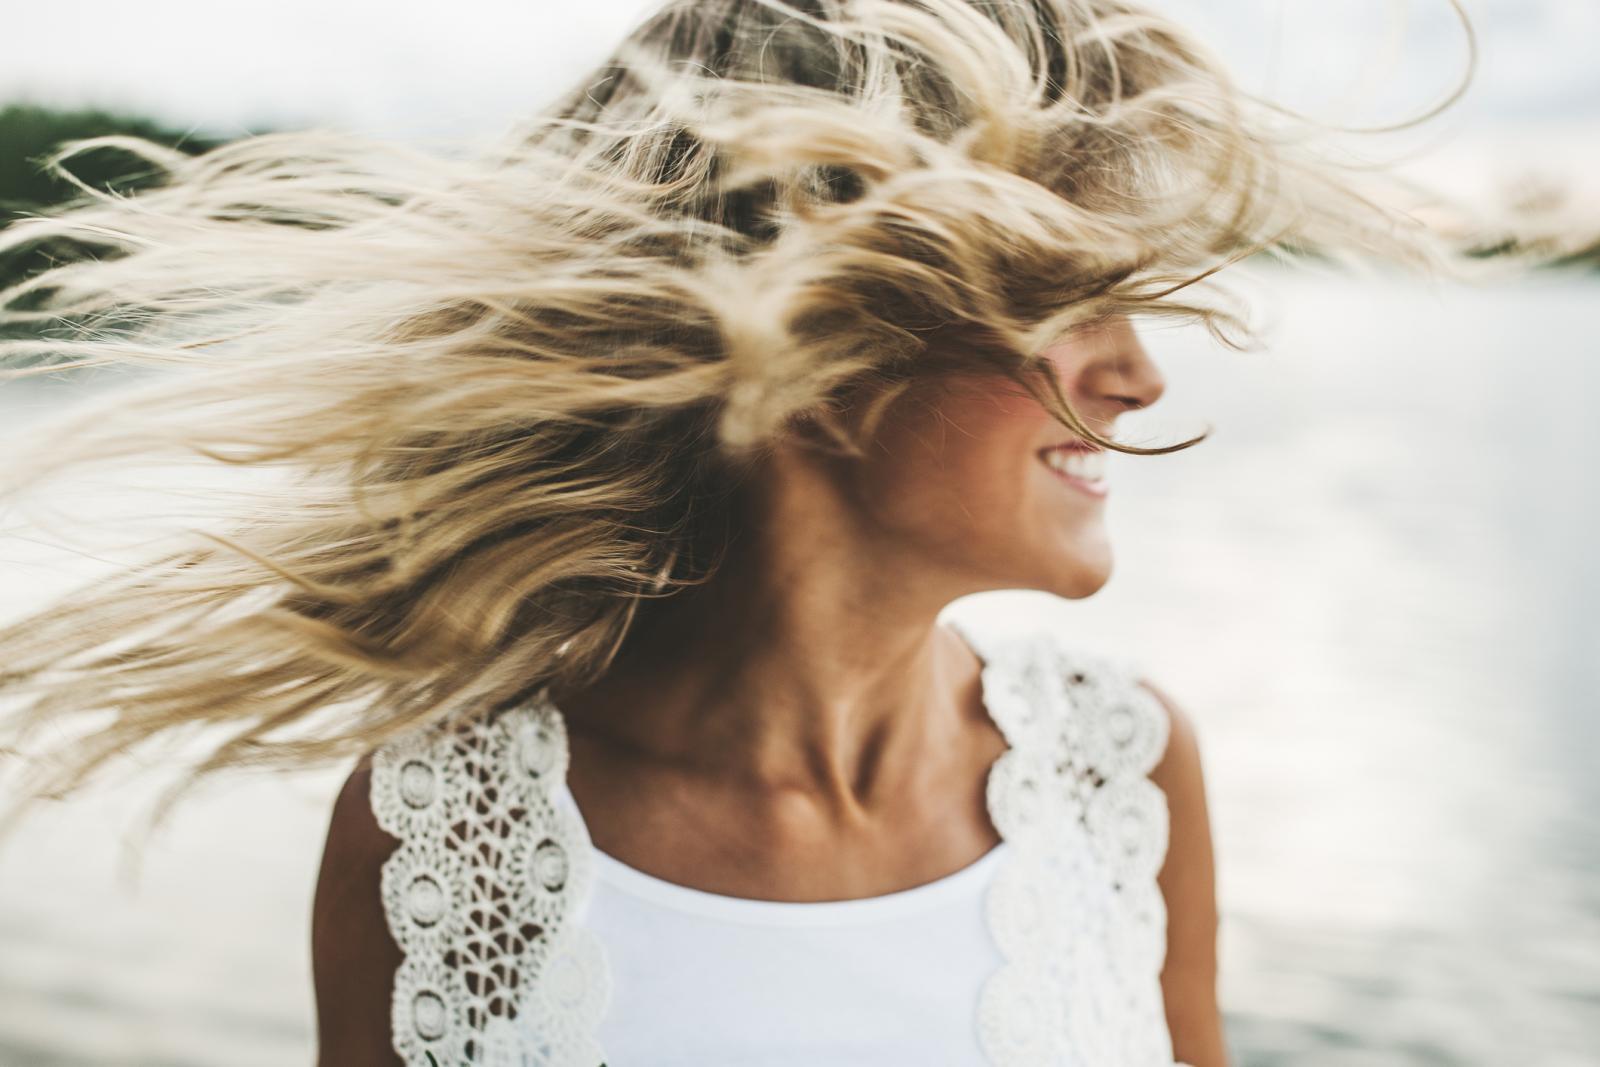 Možda tek jedna mala promjena u prehrani preporodi vašu kosu, a vas usreći.